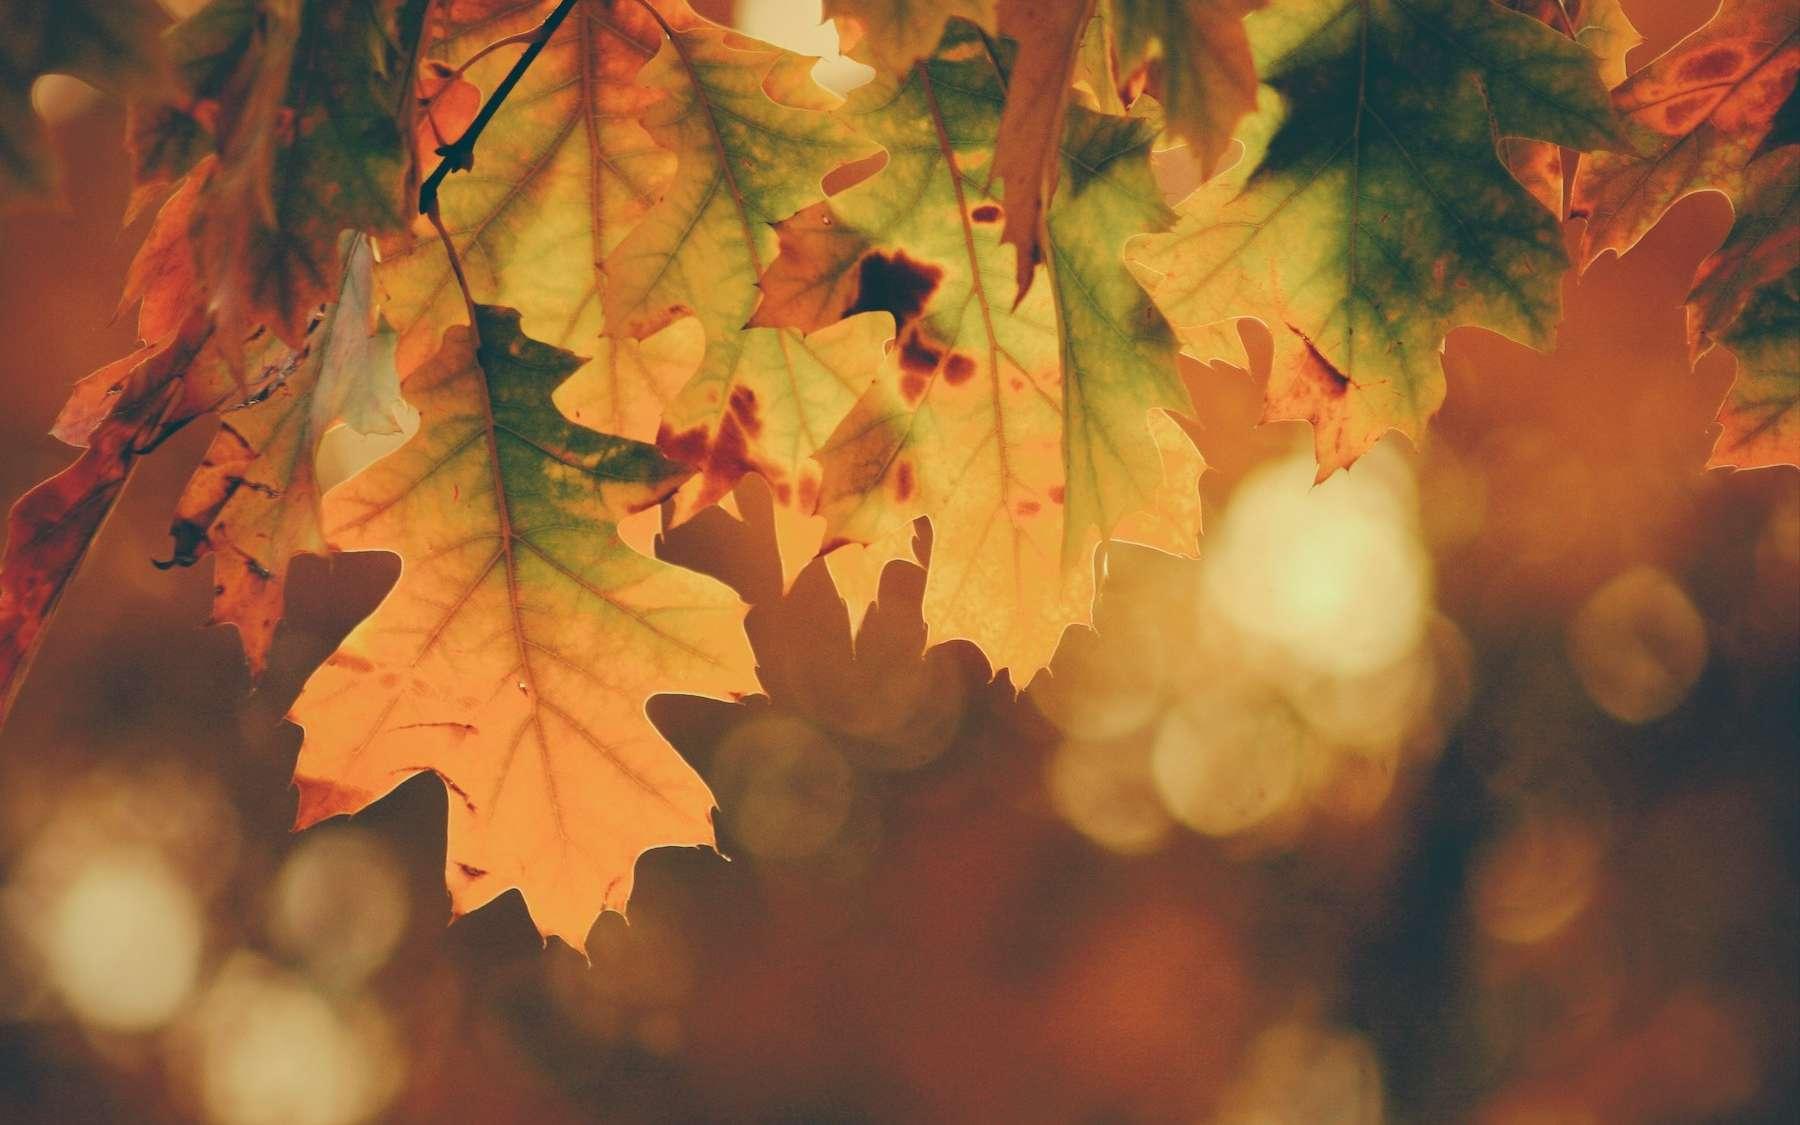 D'ici la fin du siècle, les arbres perdront leurs feuilles entre trois et six jours plus tôt. © Timothy Eberly, Unsplash